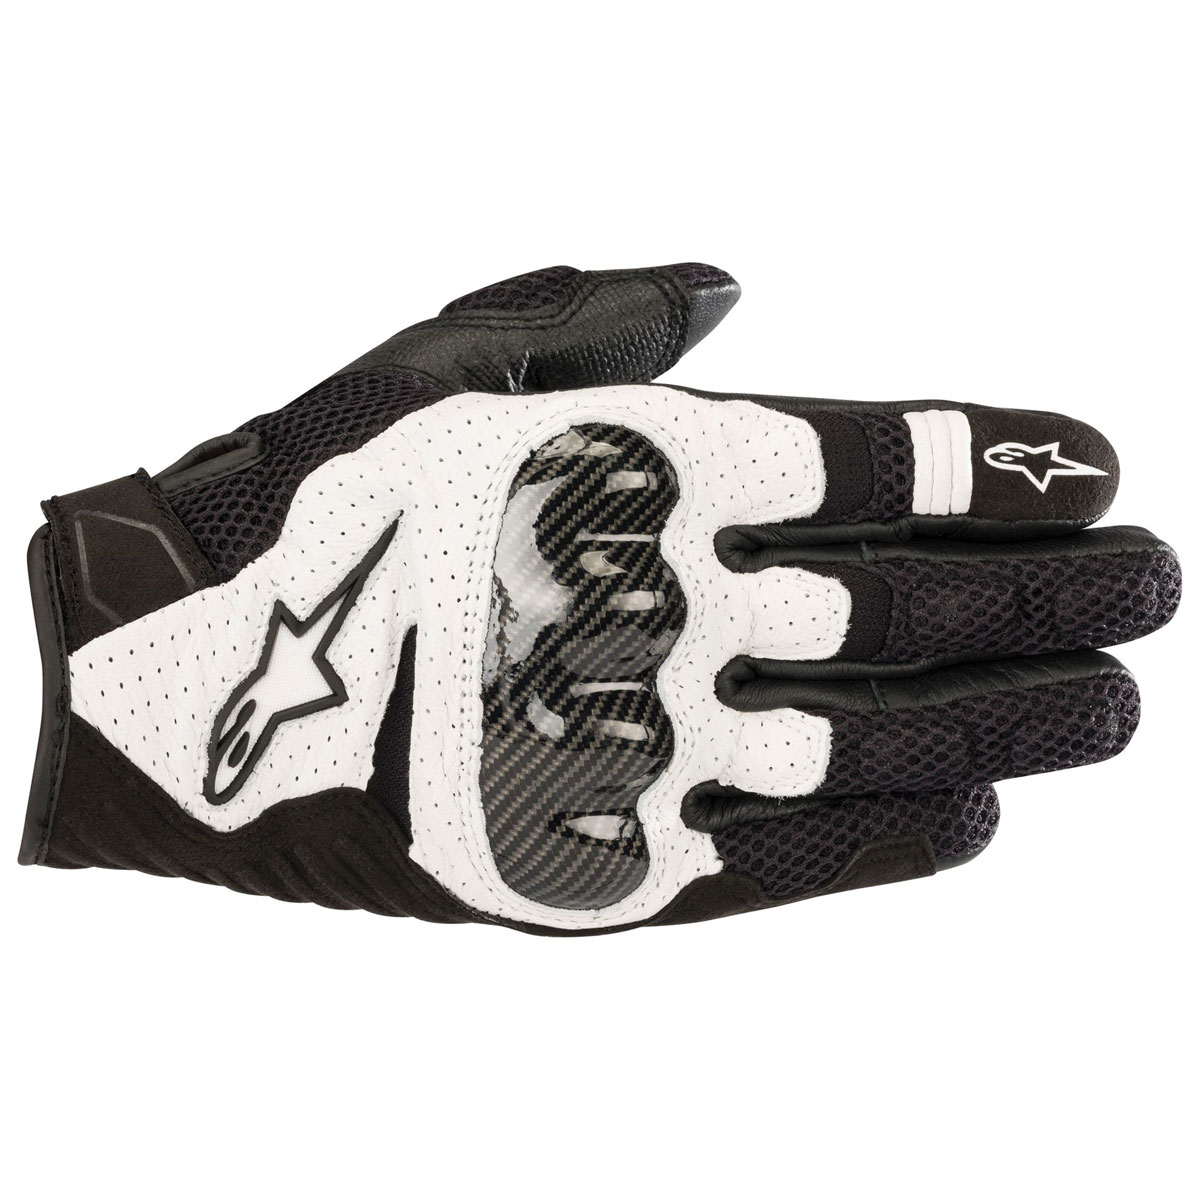 Alpinestars Men's SMX-1 Air v2 Black/White Leather Gloves